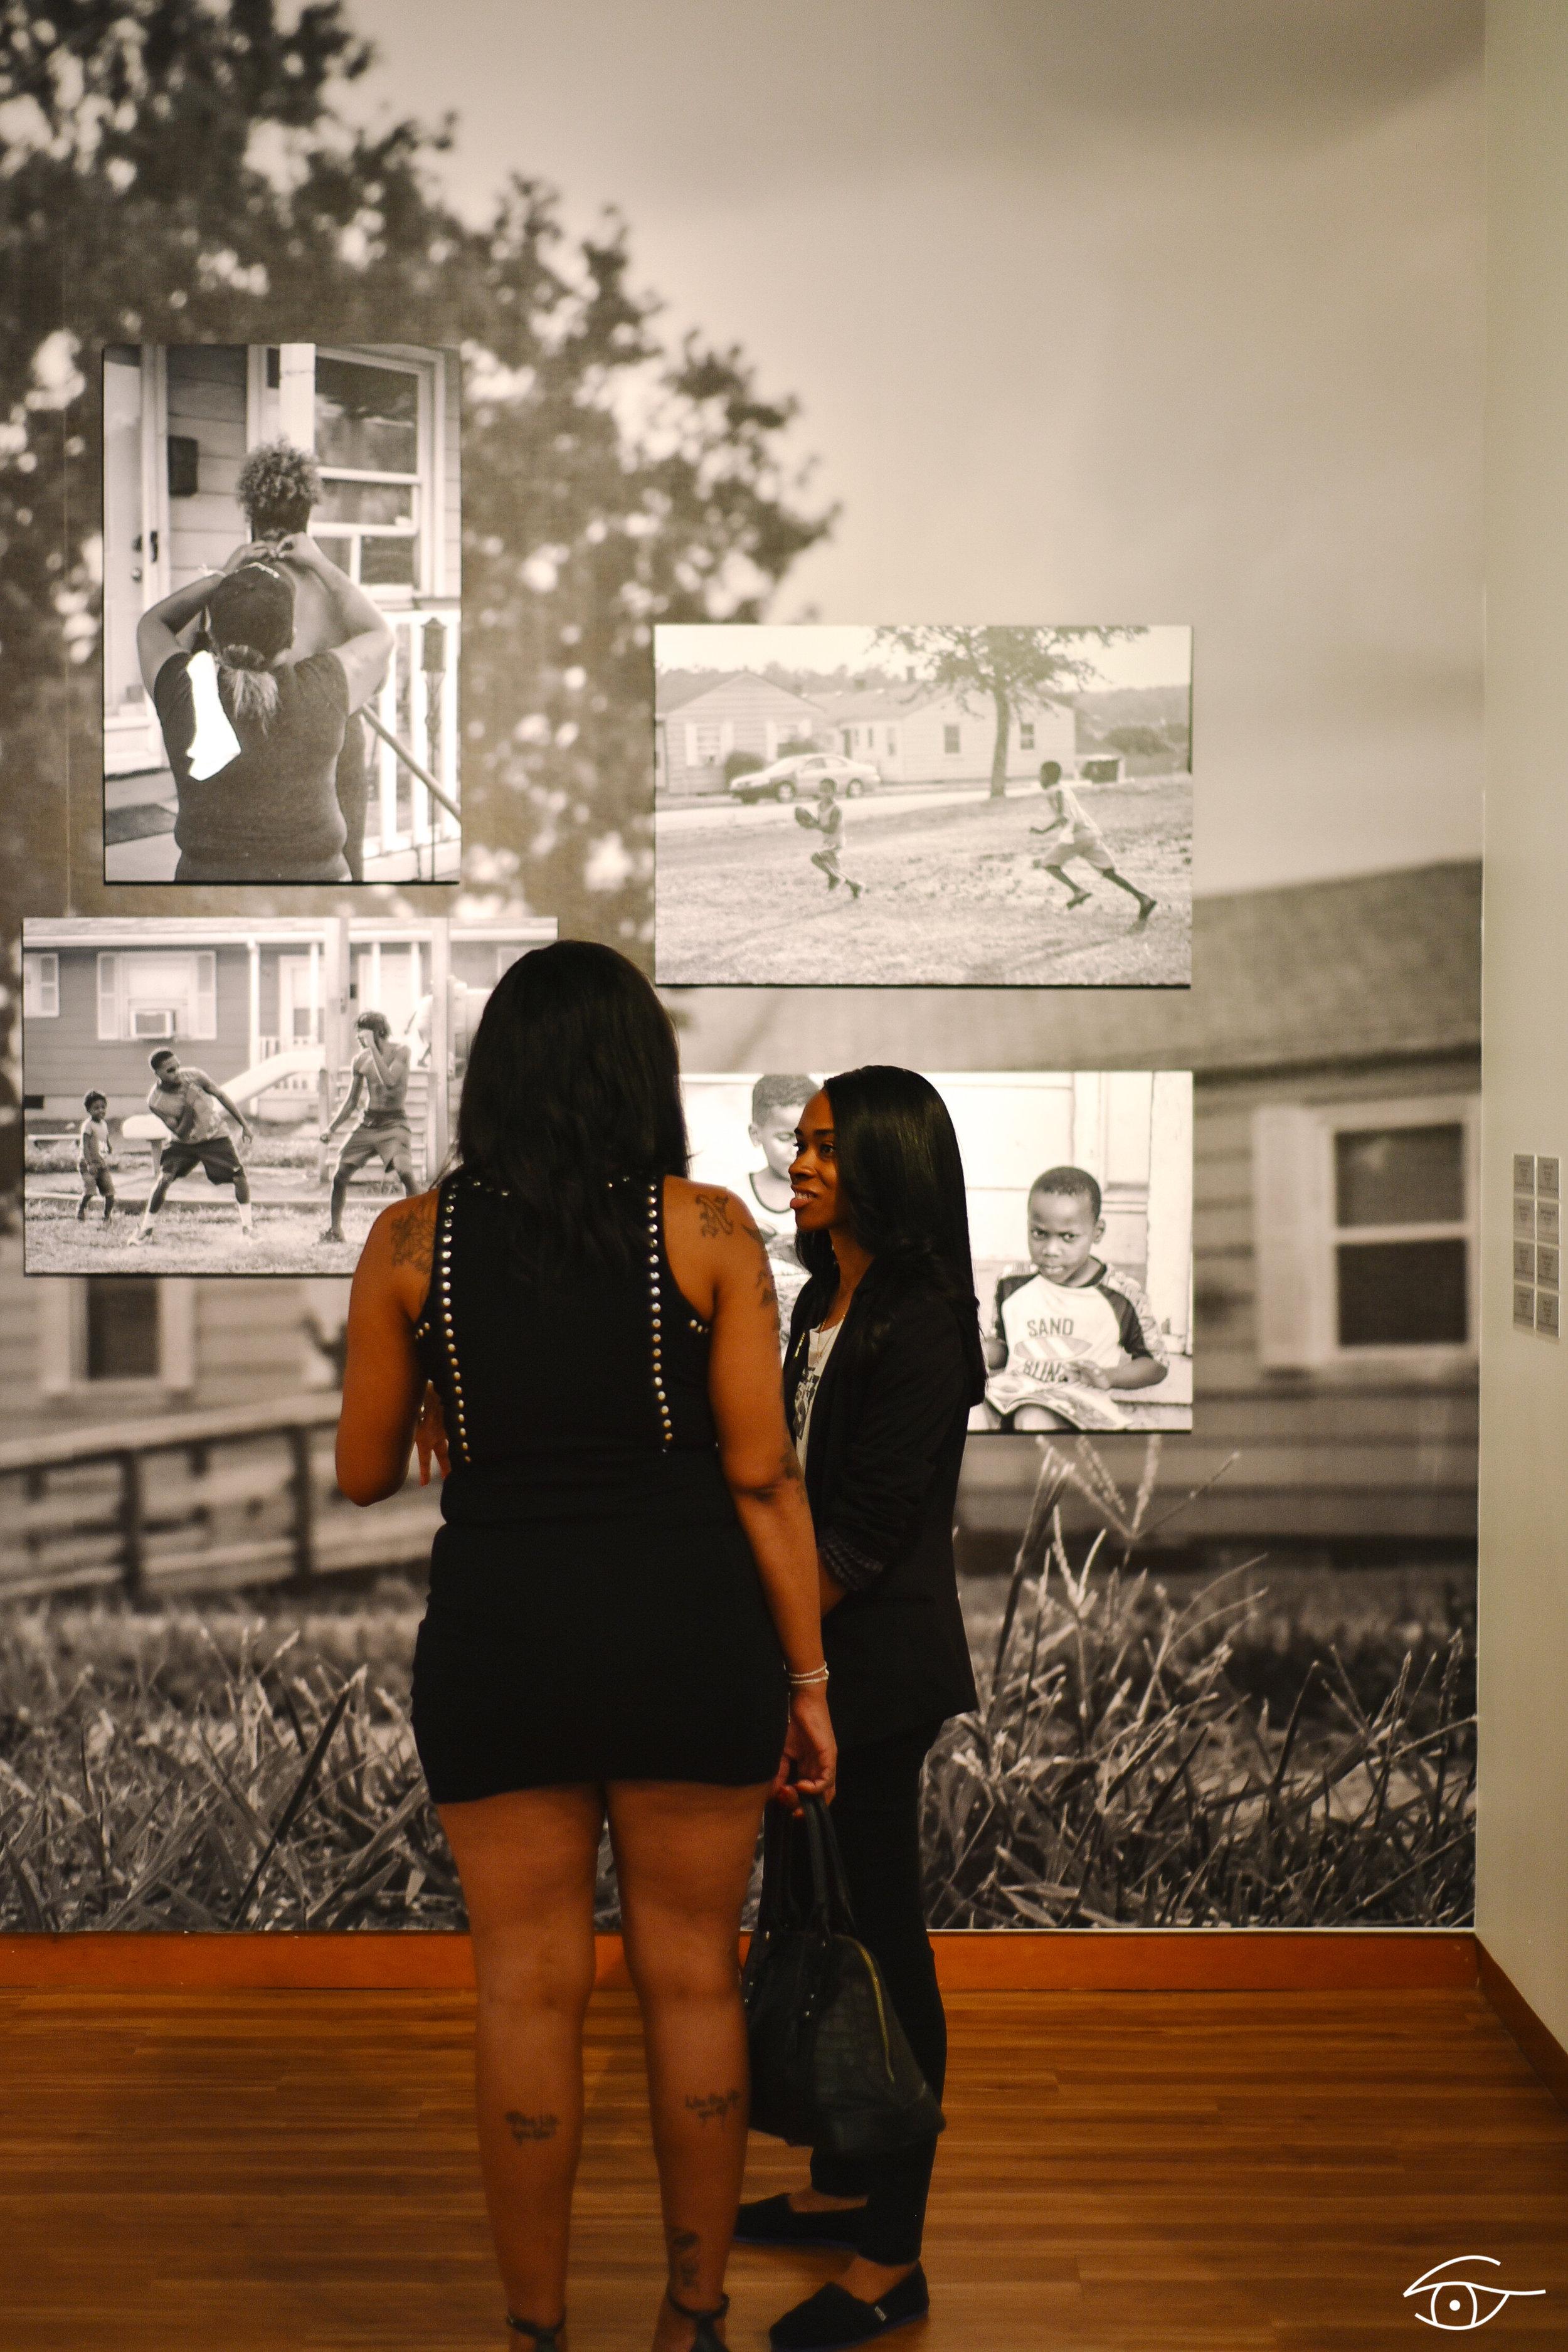 Brookhill Exhibition-The_Creative_Gentleman_Harvey_B_Gantt_Center-12.jpg